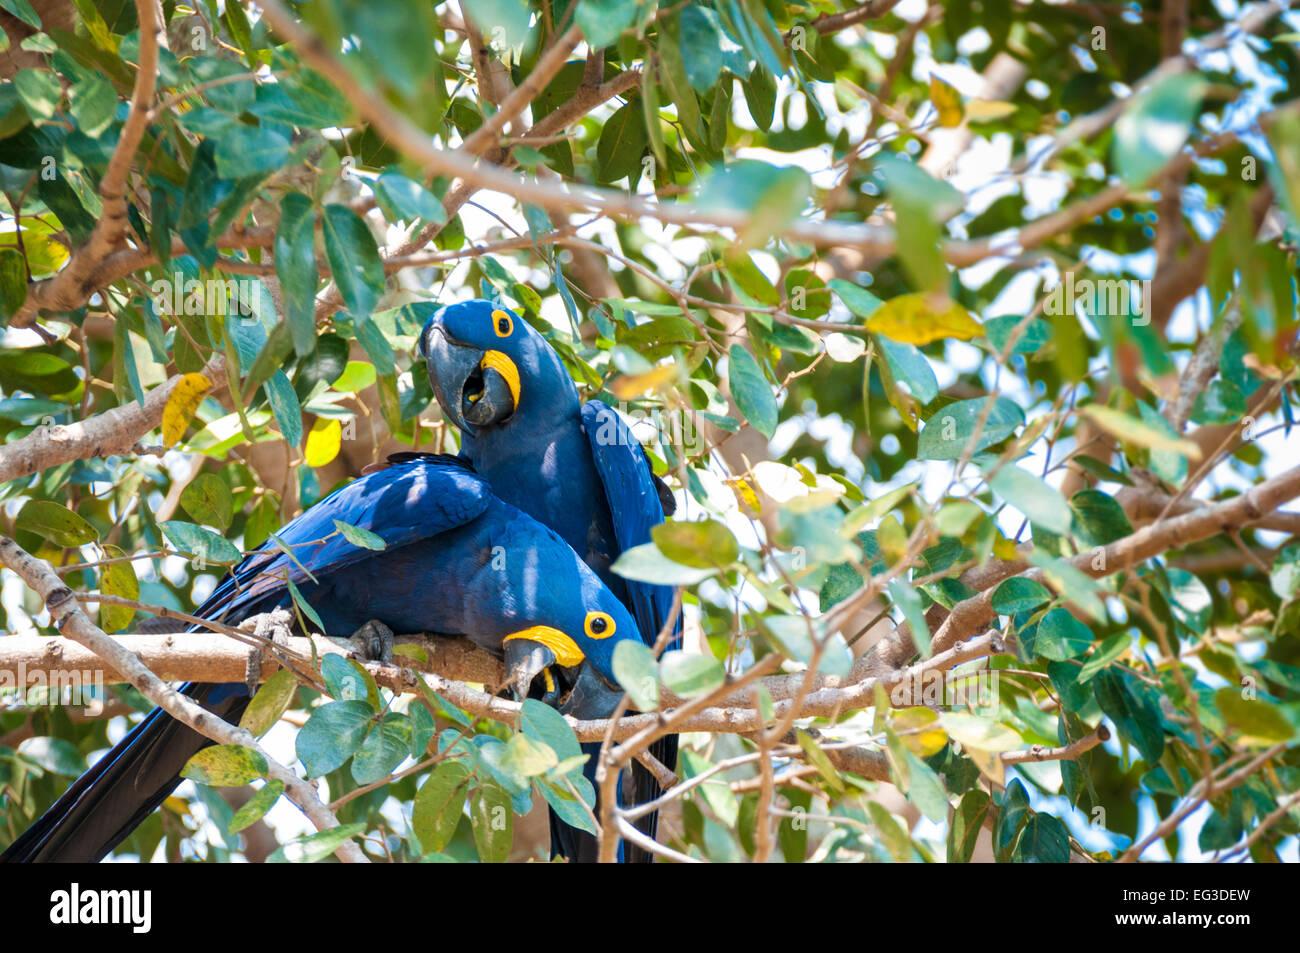 Une paire d'Anodorhynchus hyacinthinus Hyacinth Macaws,, perché dans un arbre, Pantanal, Mato Grosso, Brésil, Photo Stock